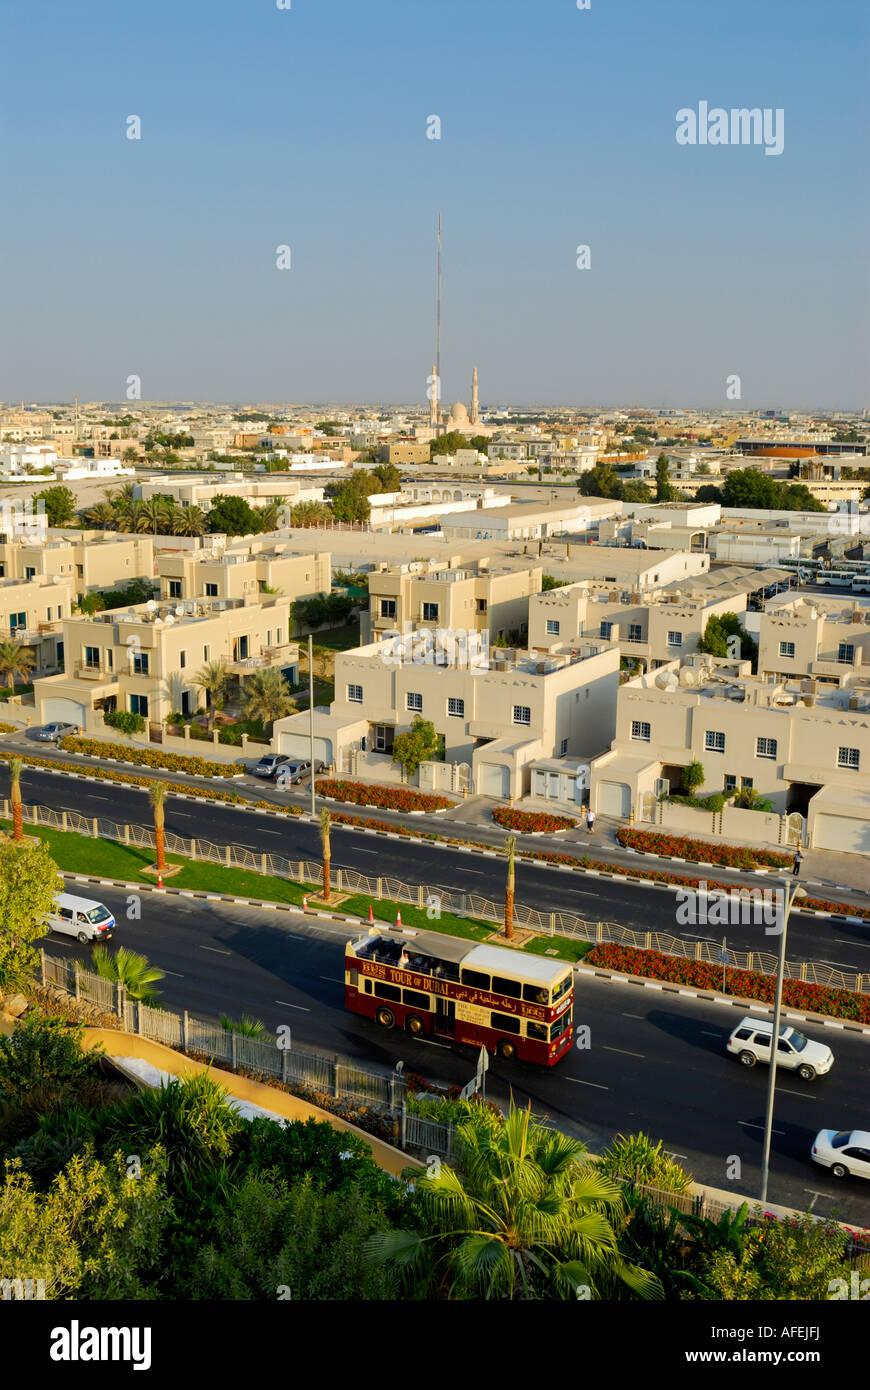 skyline of suburb, Dubai, United Arab Emirates - Stock Image